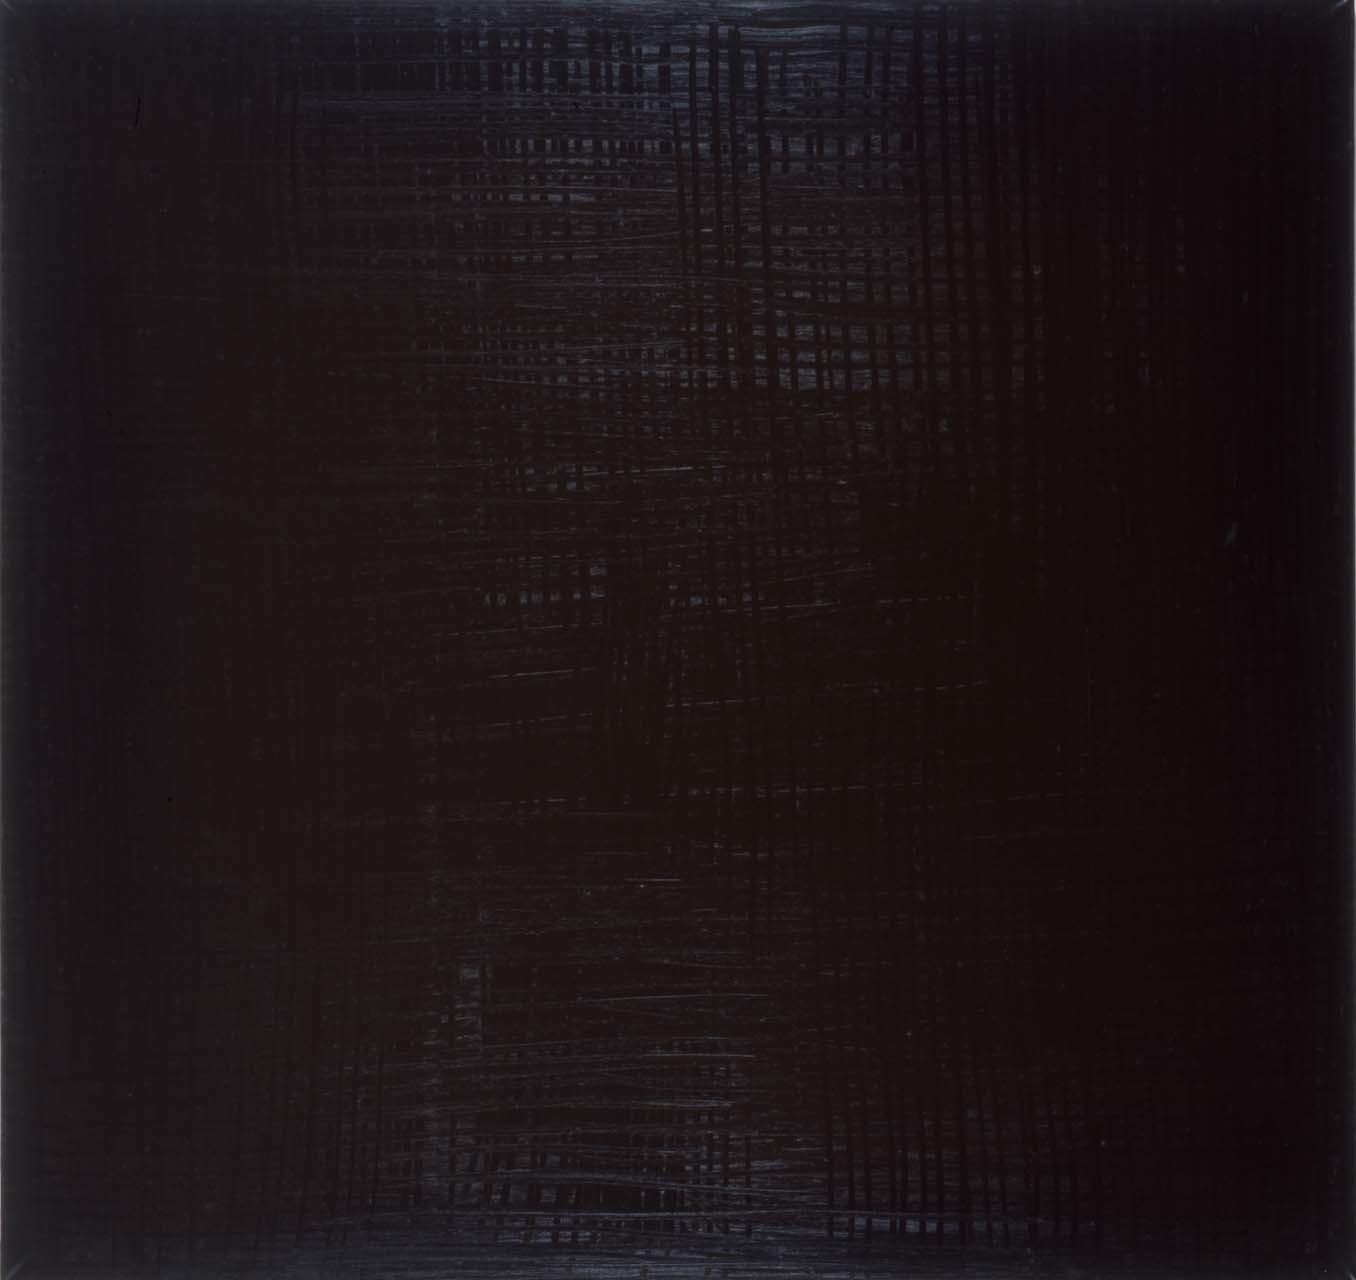 """<div class=""""artwork_caption""""><p>the sky above san paulo, 2005</p></div>"""